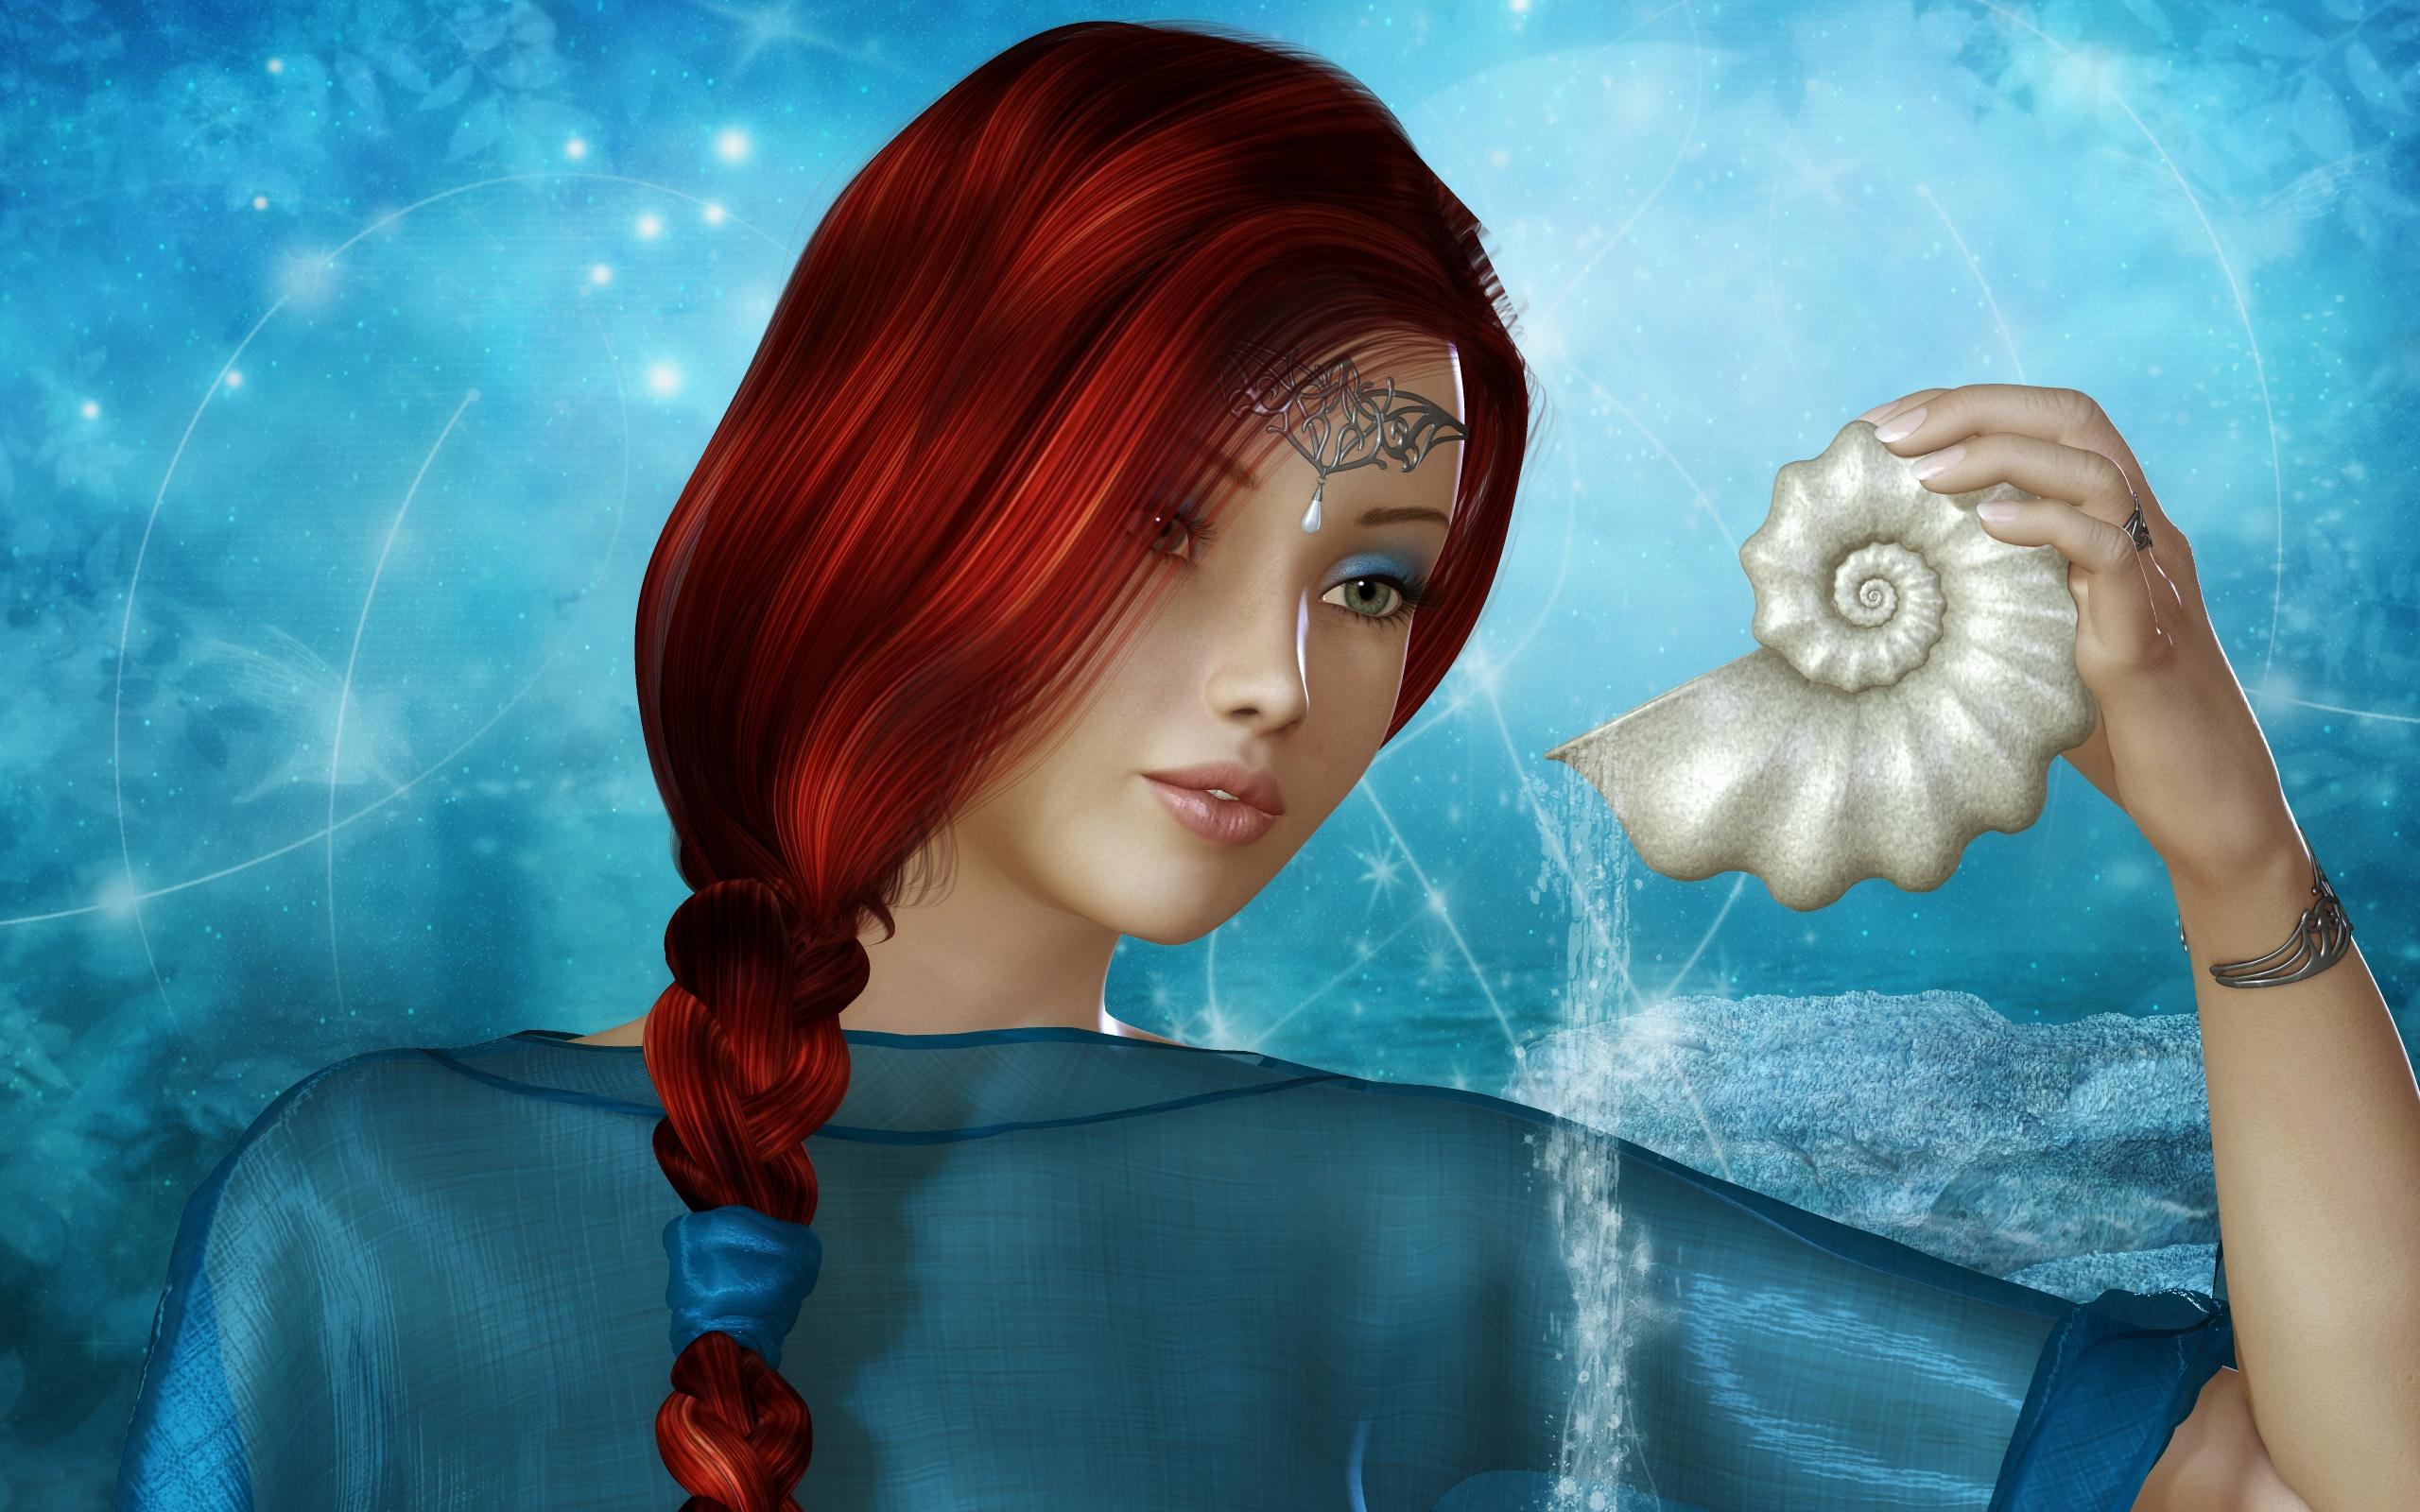 壁紙 美しい茶色の髪のファンタジー女の子、青いドレス 2560x1600 HD 無料のデスクトップの背景, 画像